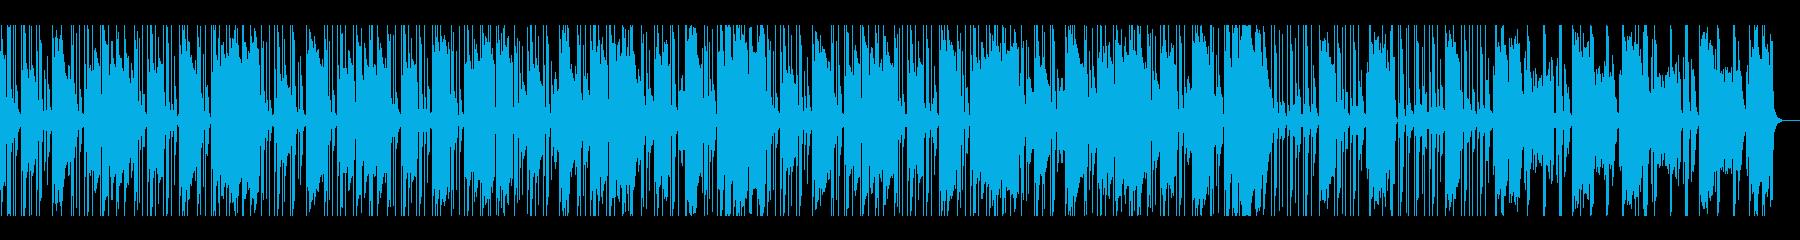 まぬけ・ずっこけ・ドジ・なシーンのBGMの再生済みの波形